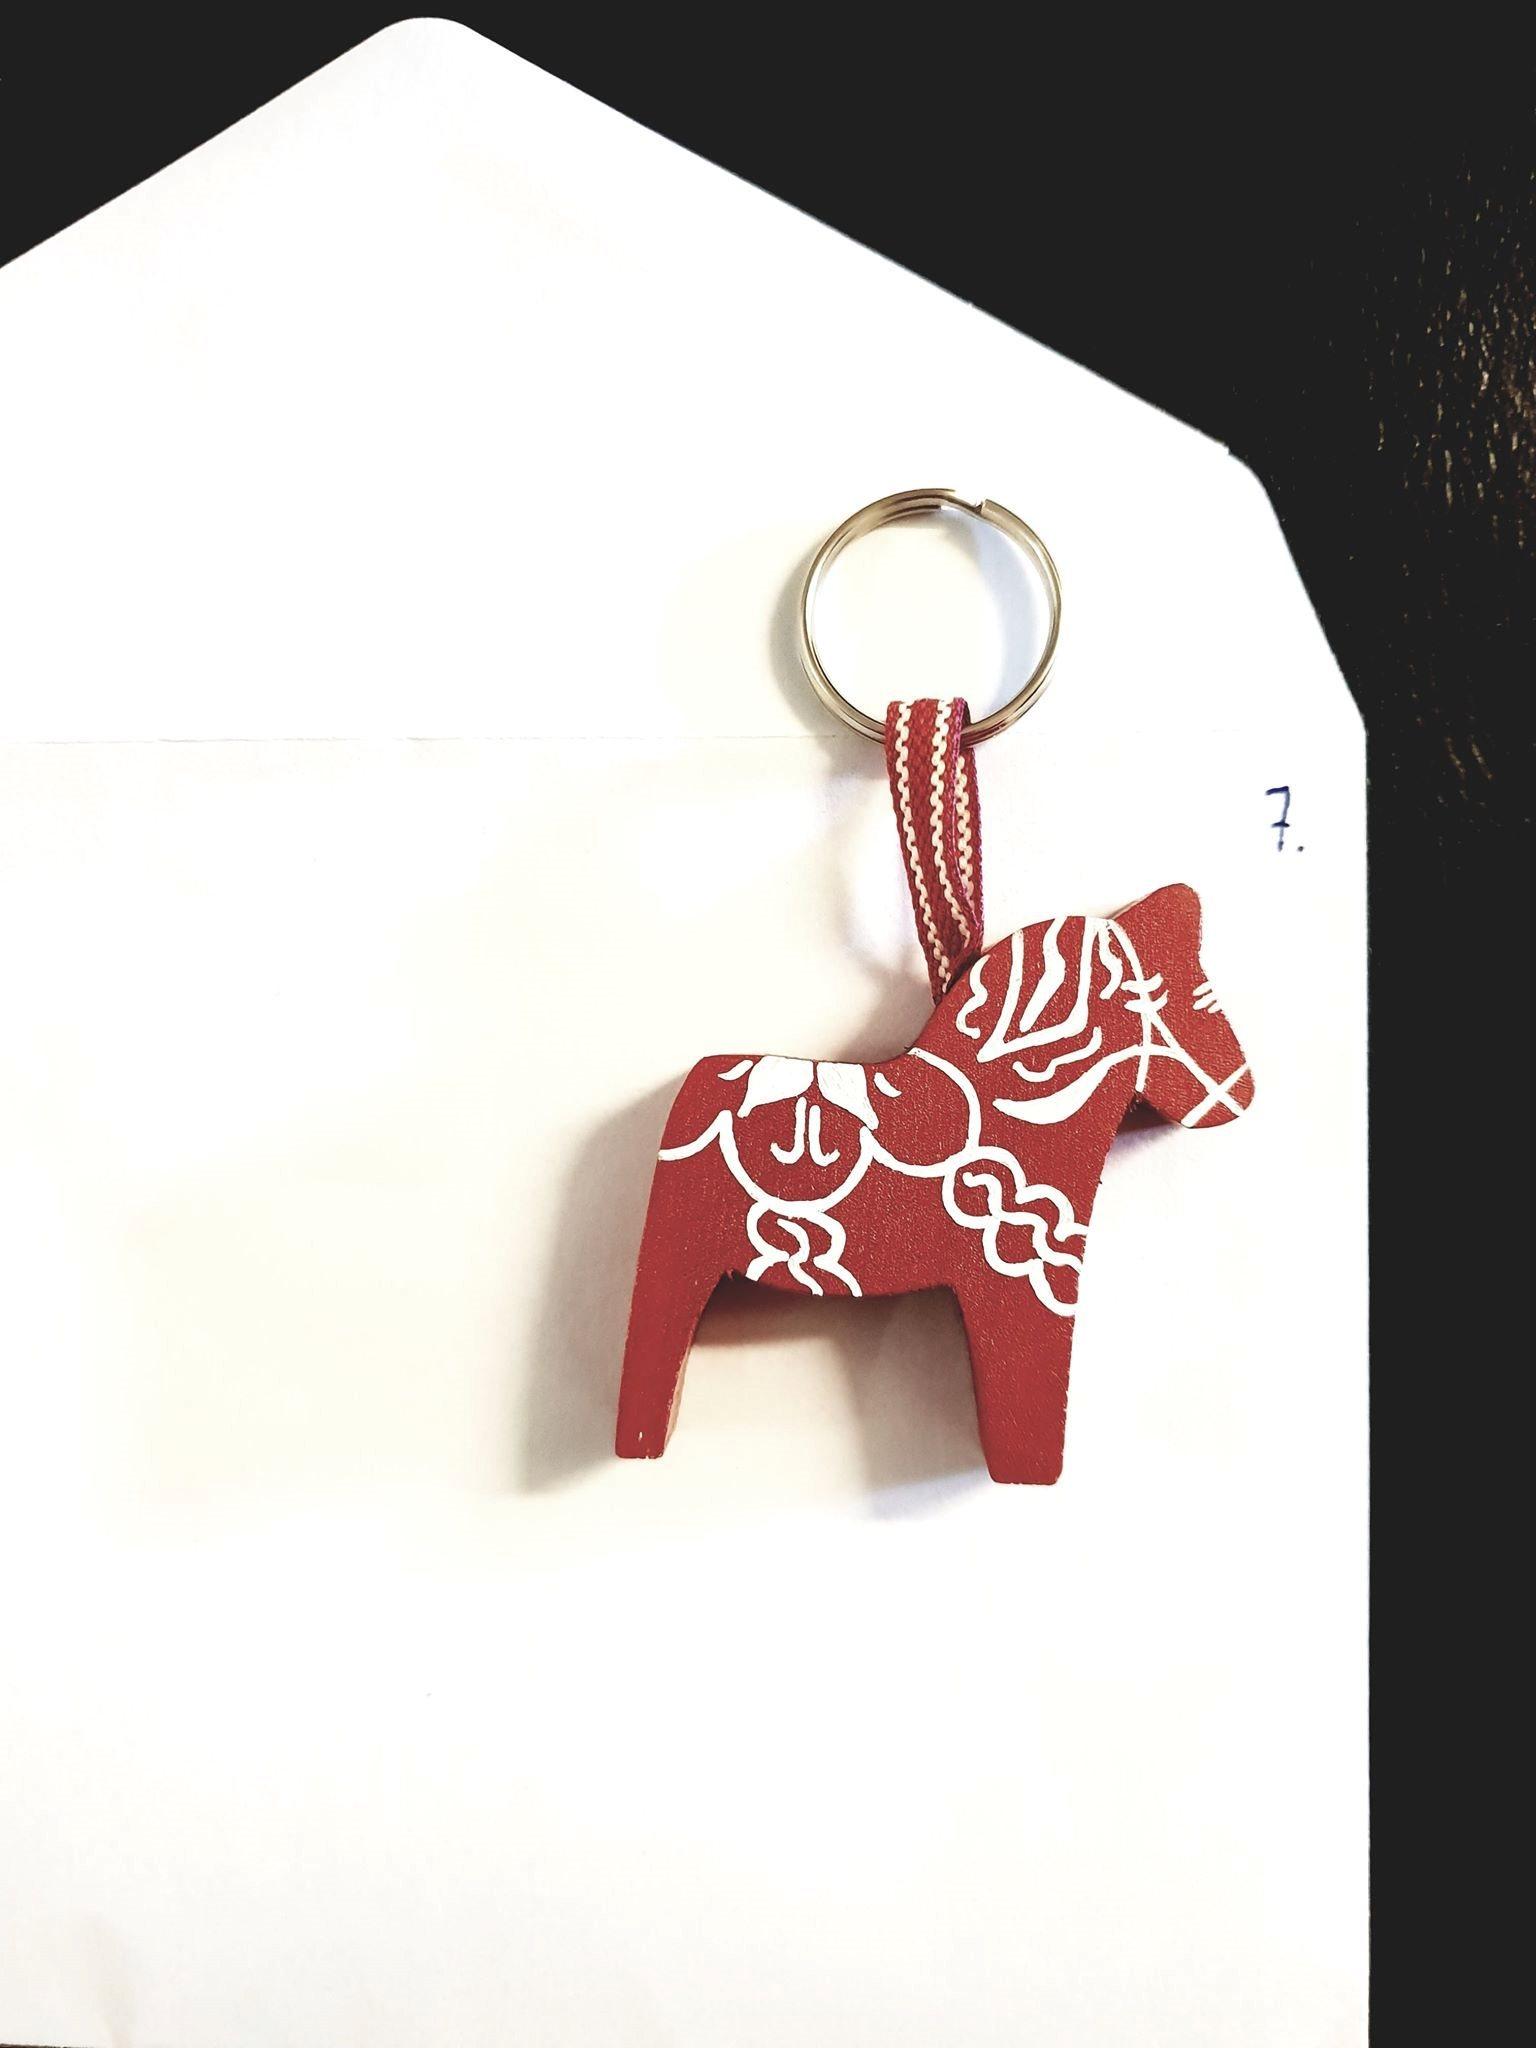 Nyckelring dalahäst (330221315) ᐈ Köp på Tradera cbd3051550711